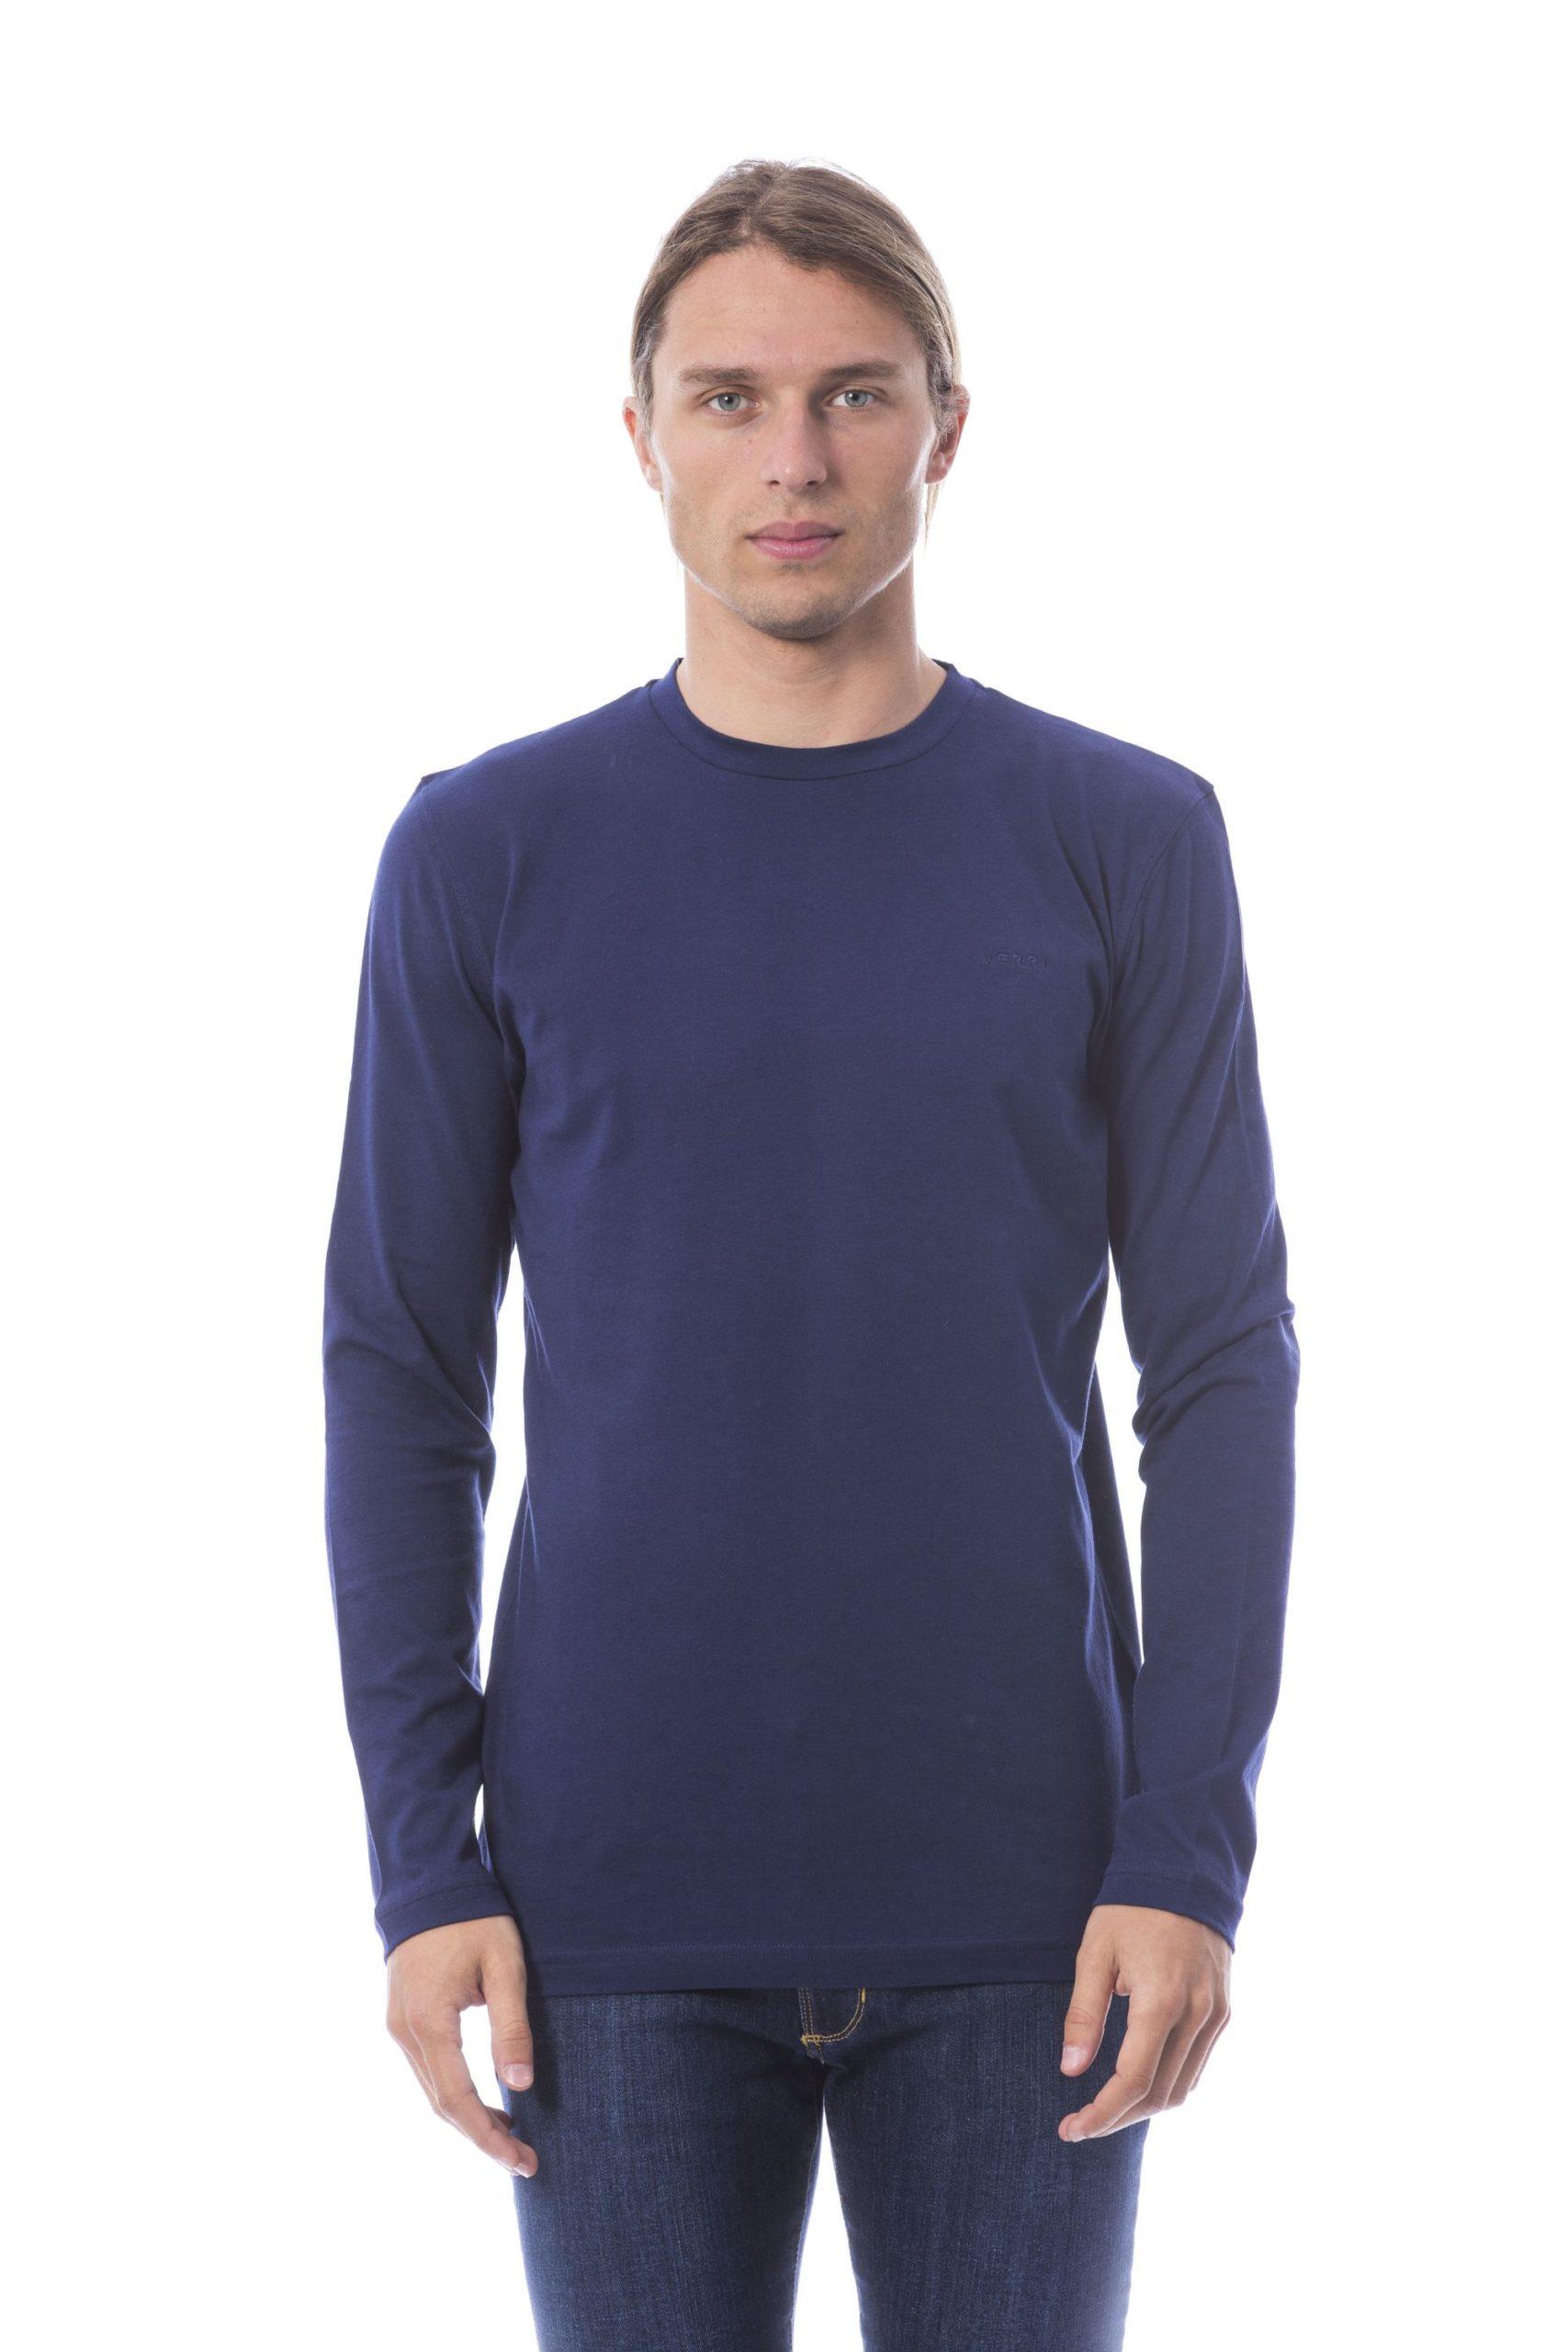 Verri Men's Vblu T-Shirt Blue VE678502 - L